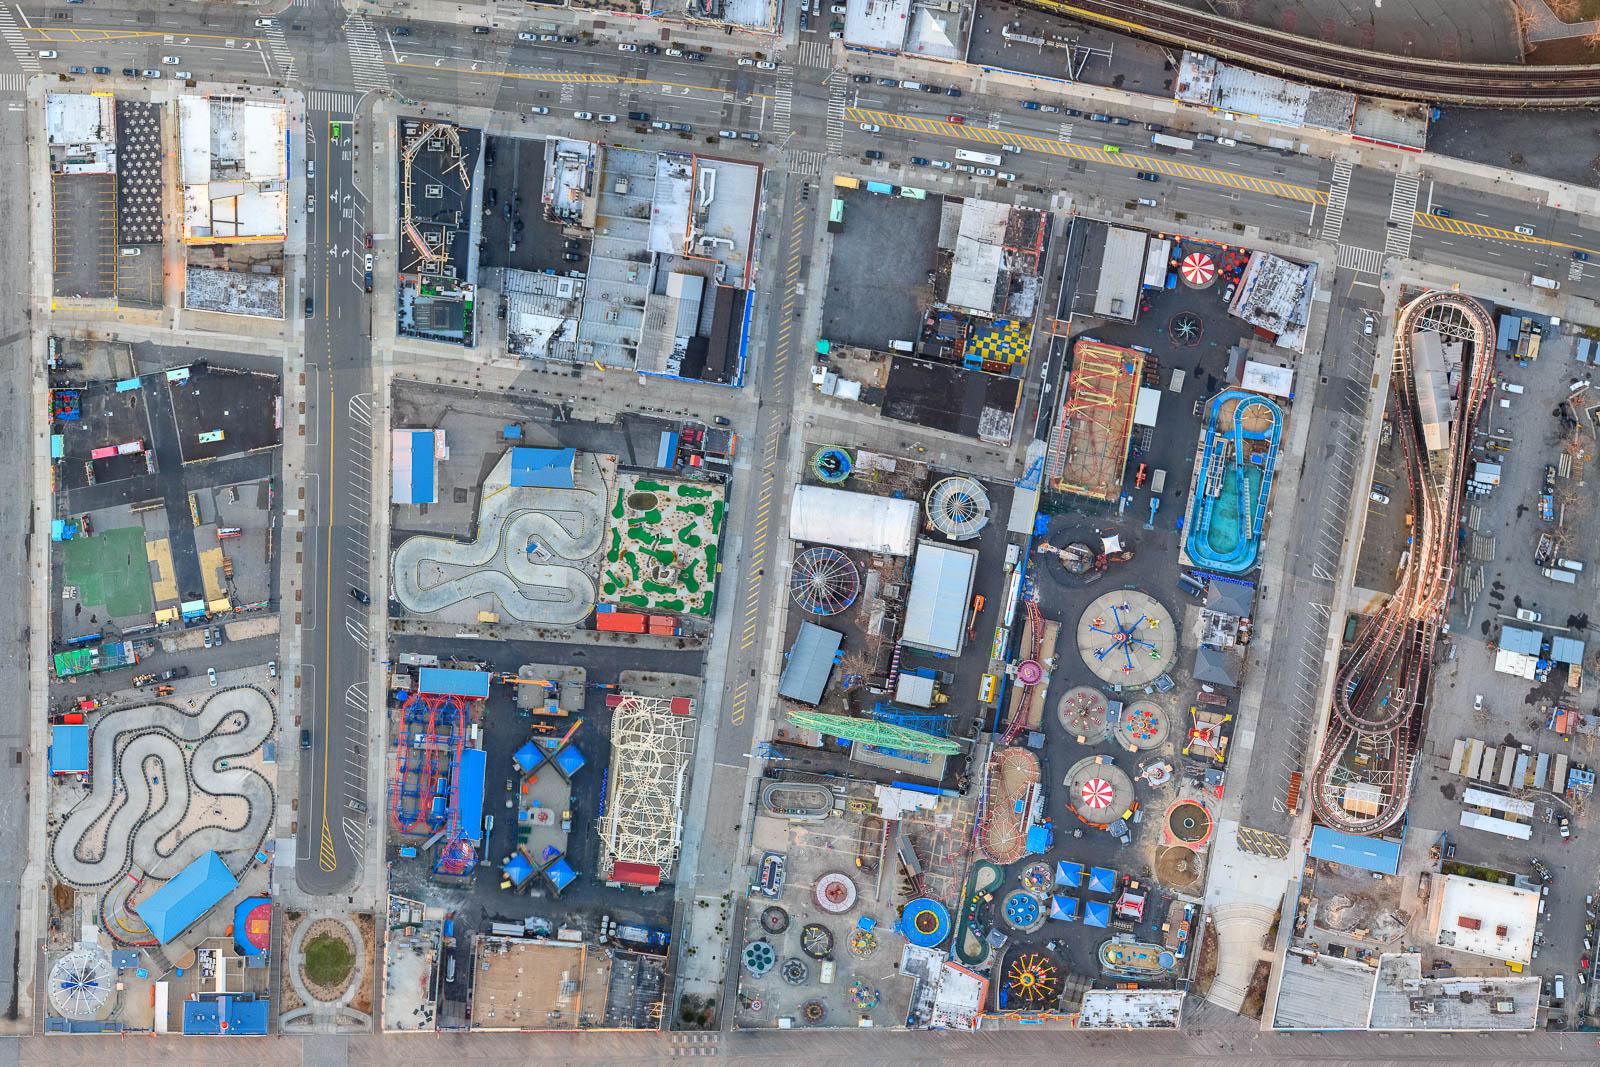 Dormant Coney Island